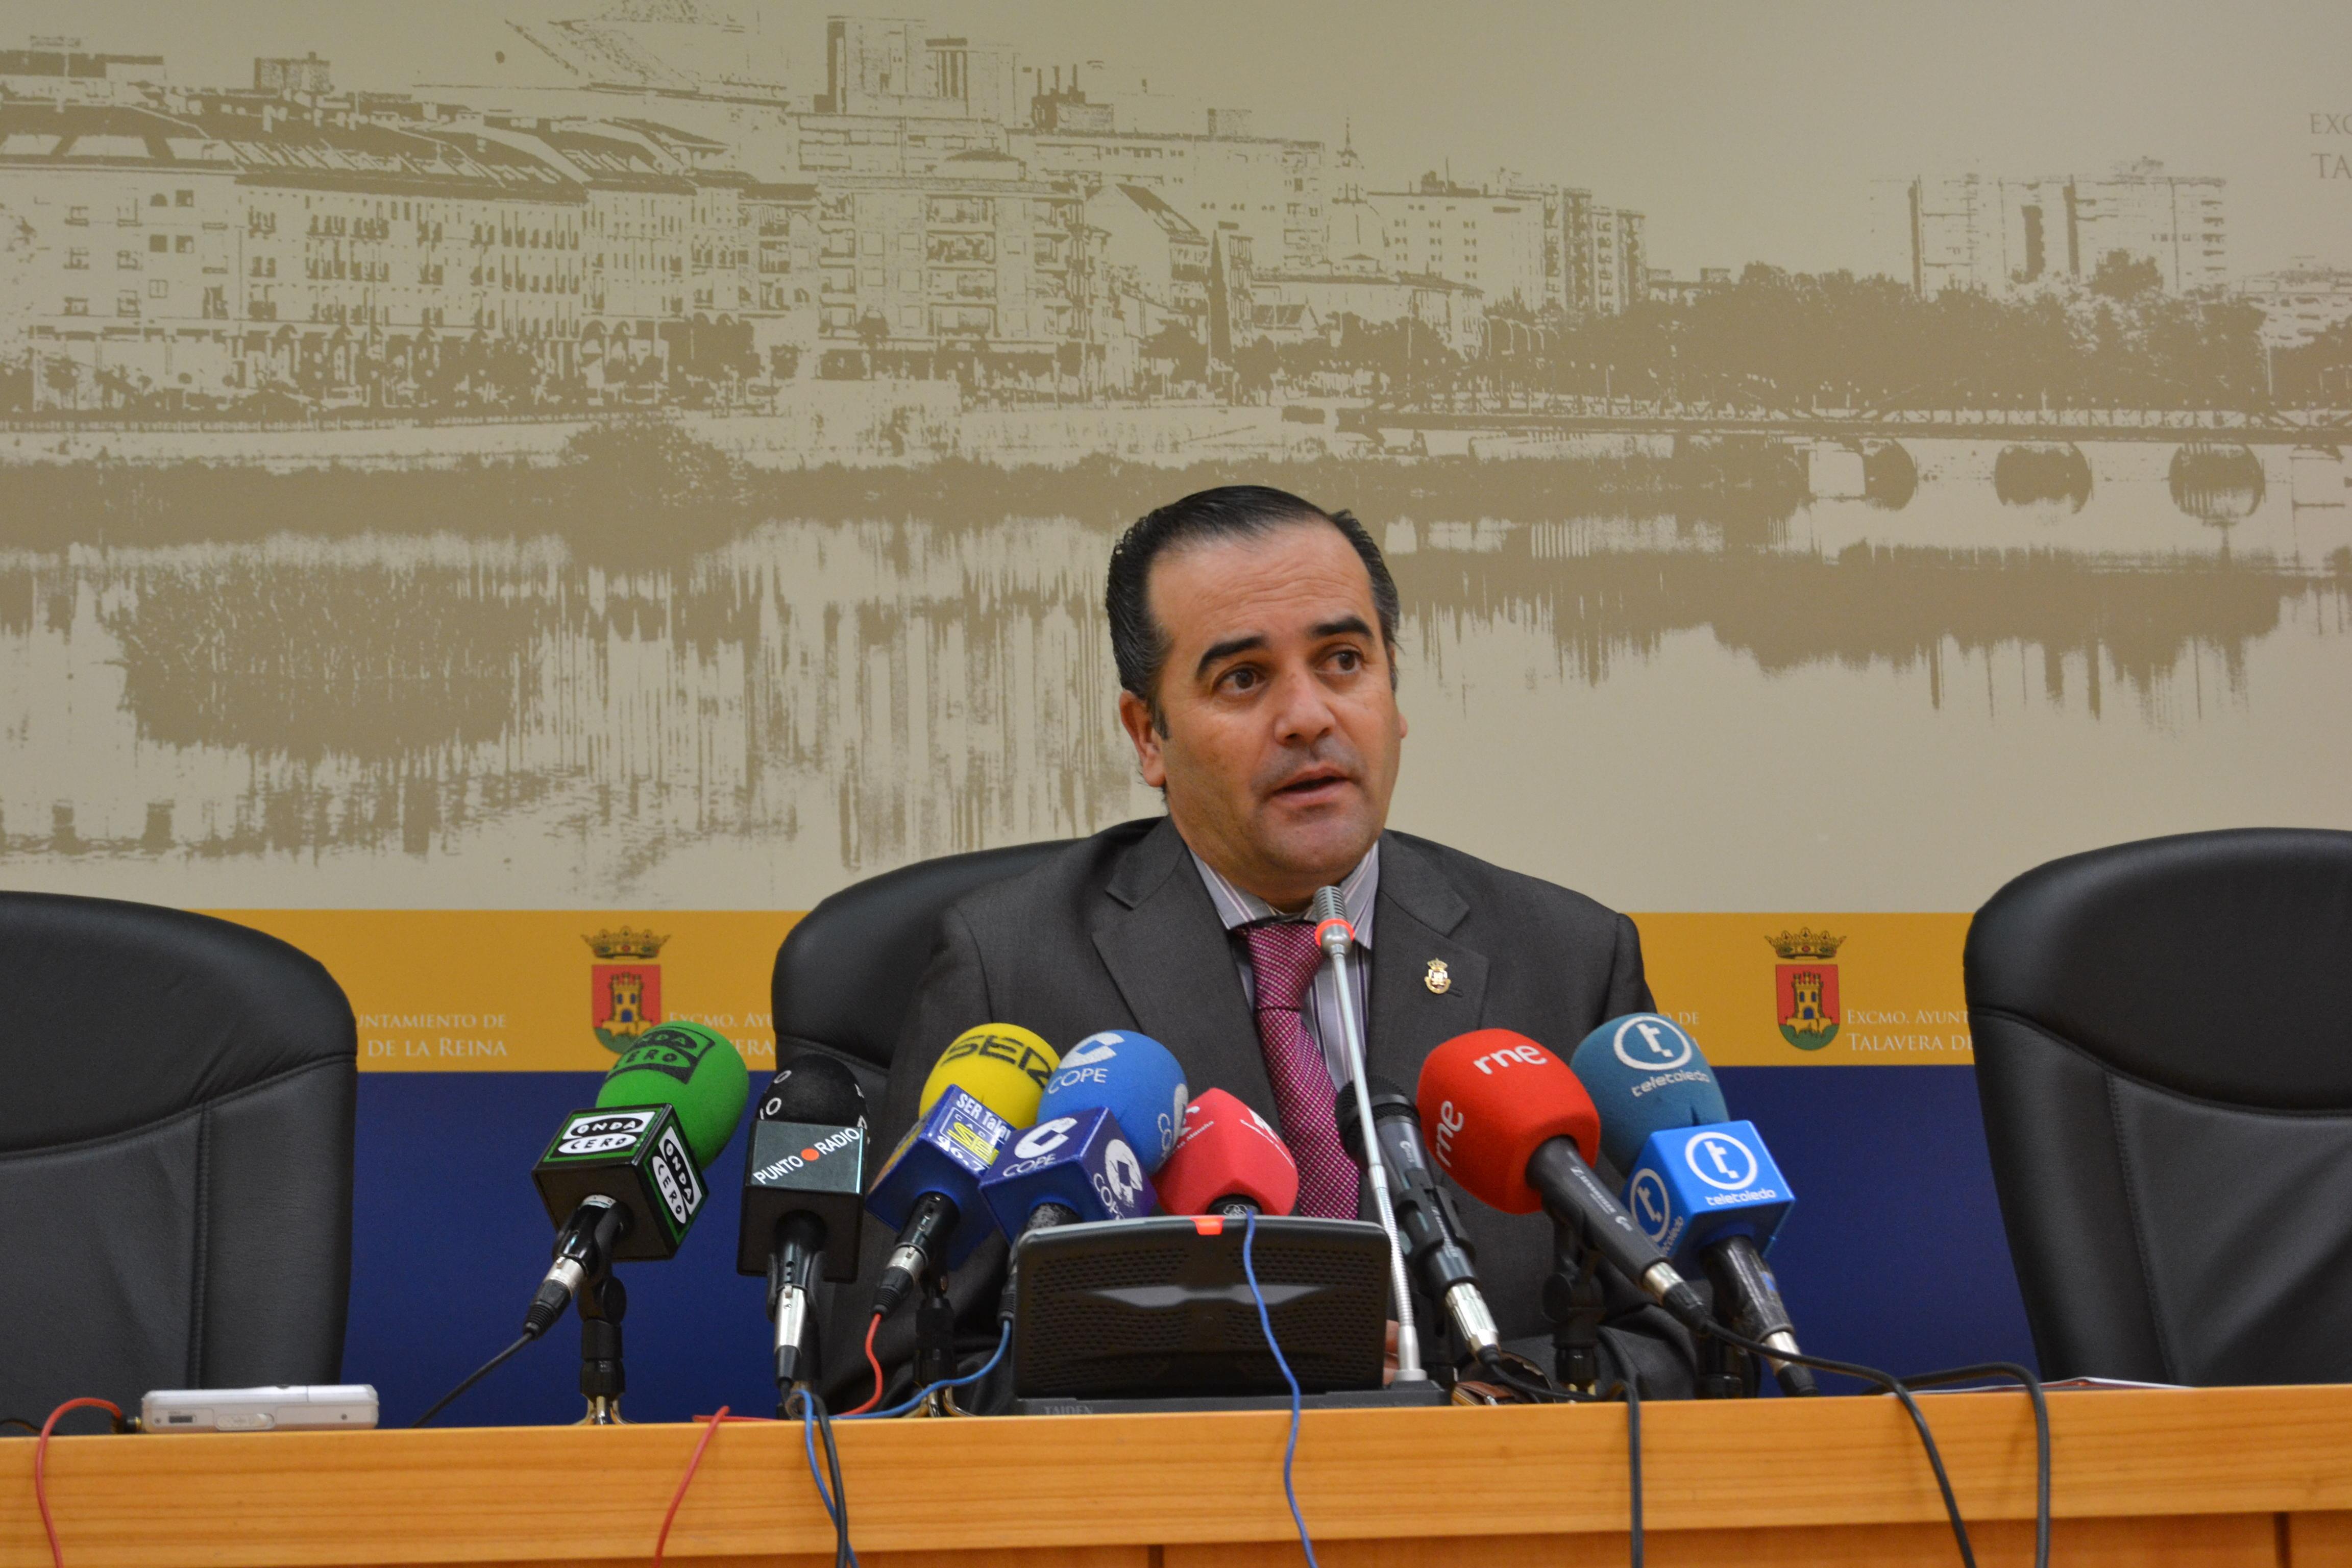 El Ayuntamiento de Talavera aprueba la continuidad del programa de educación ambiental